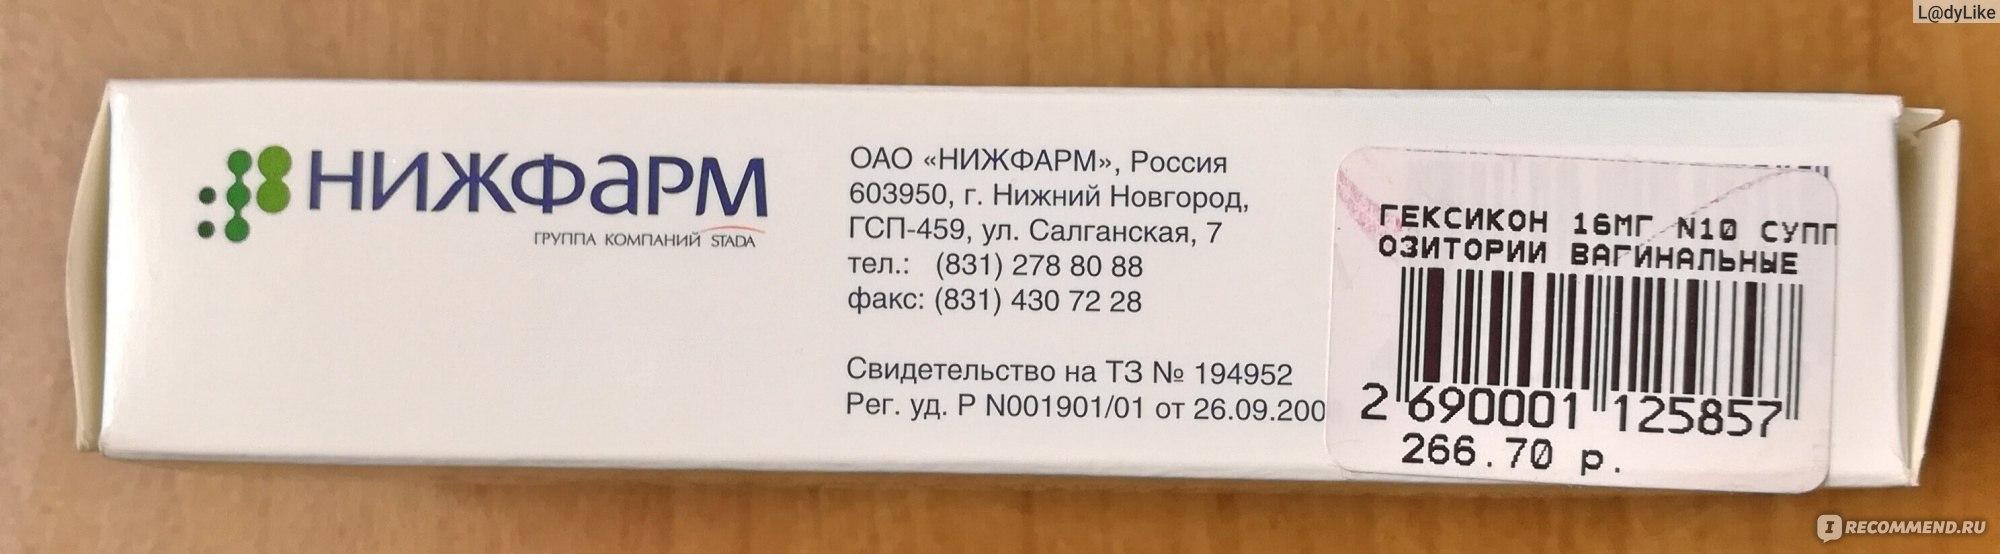 Российсий аналаг гексикона